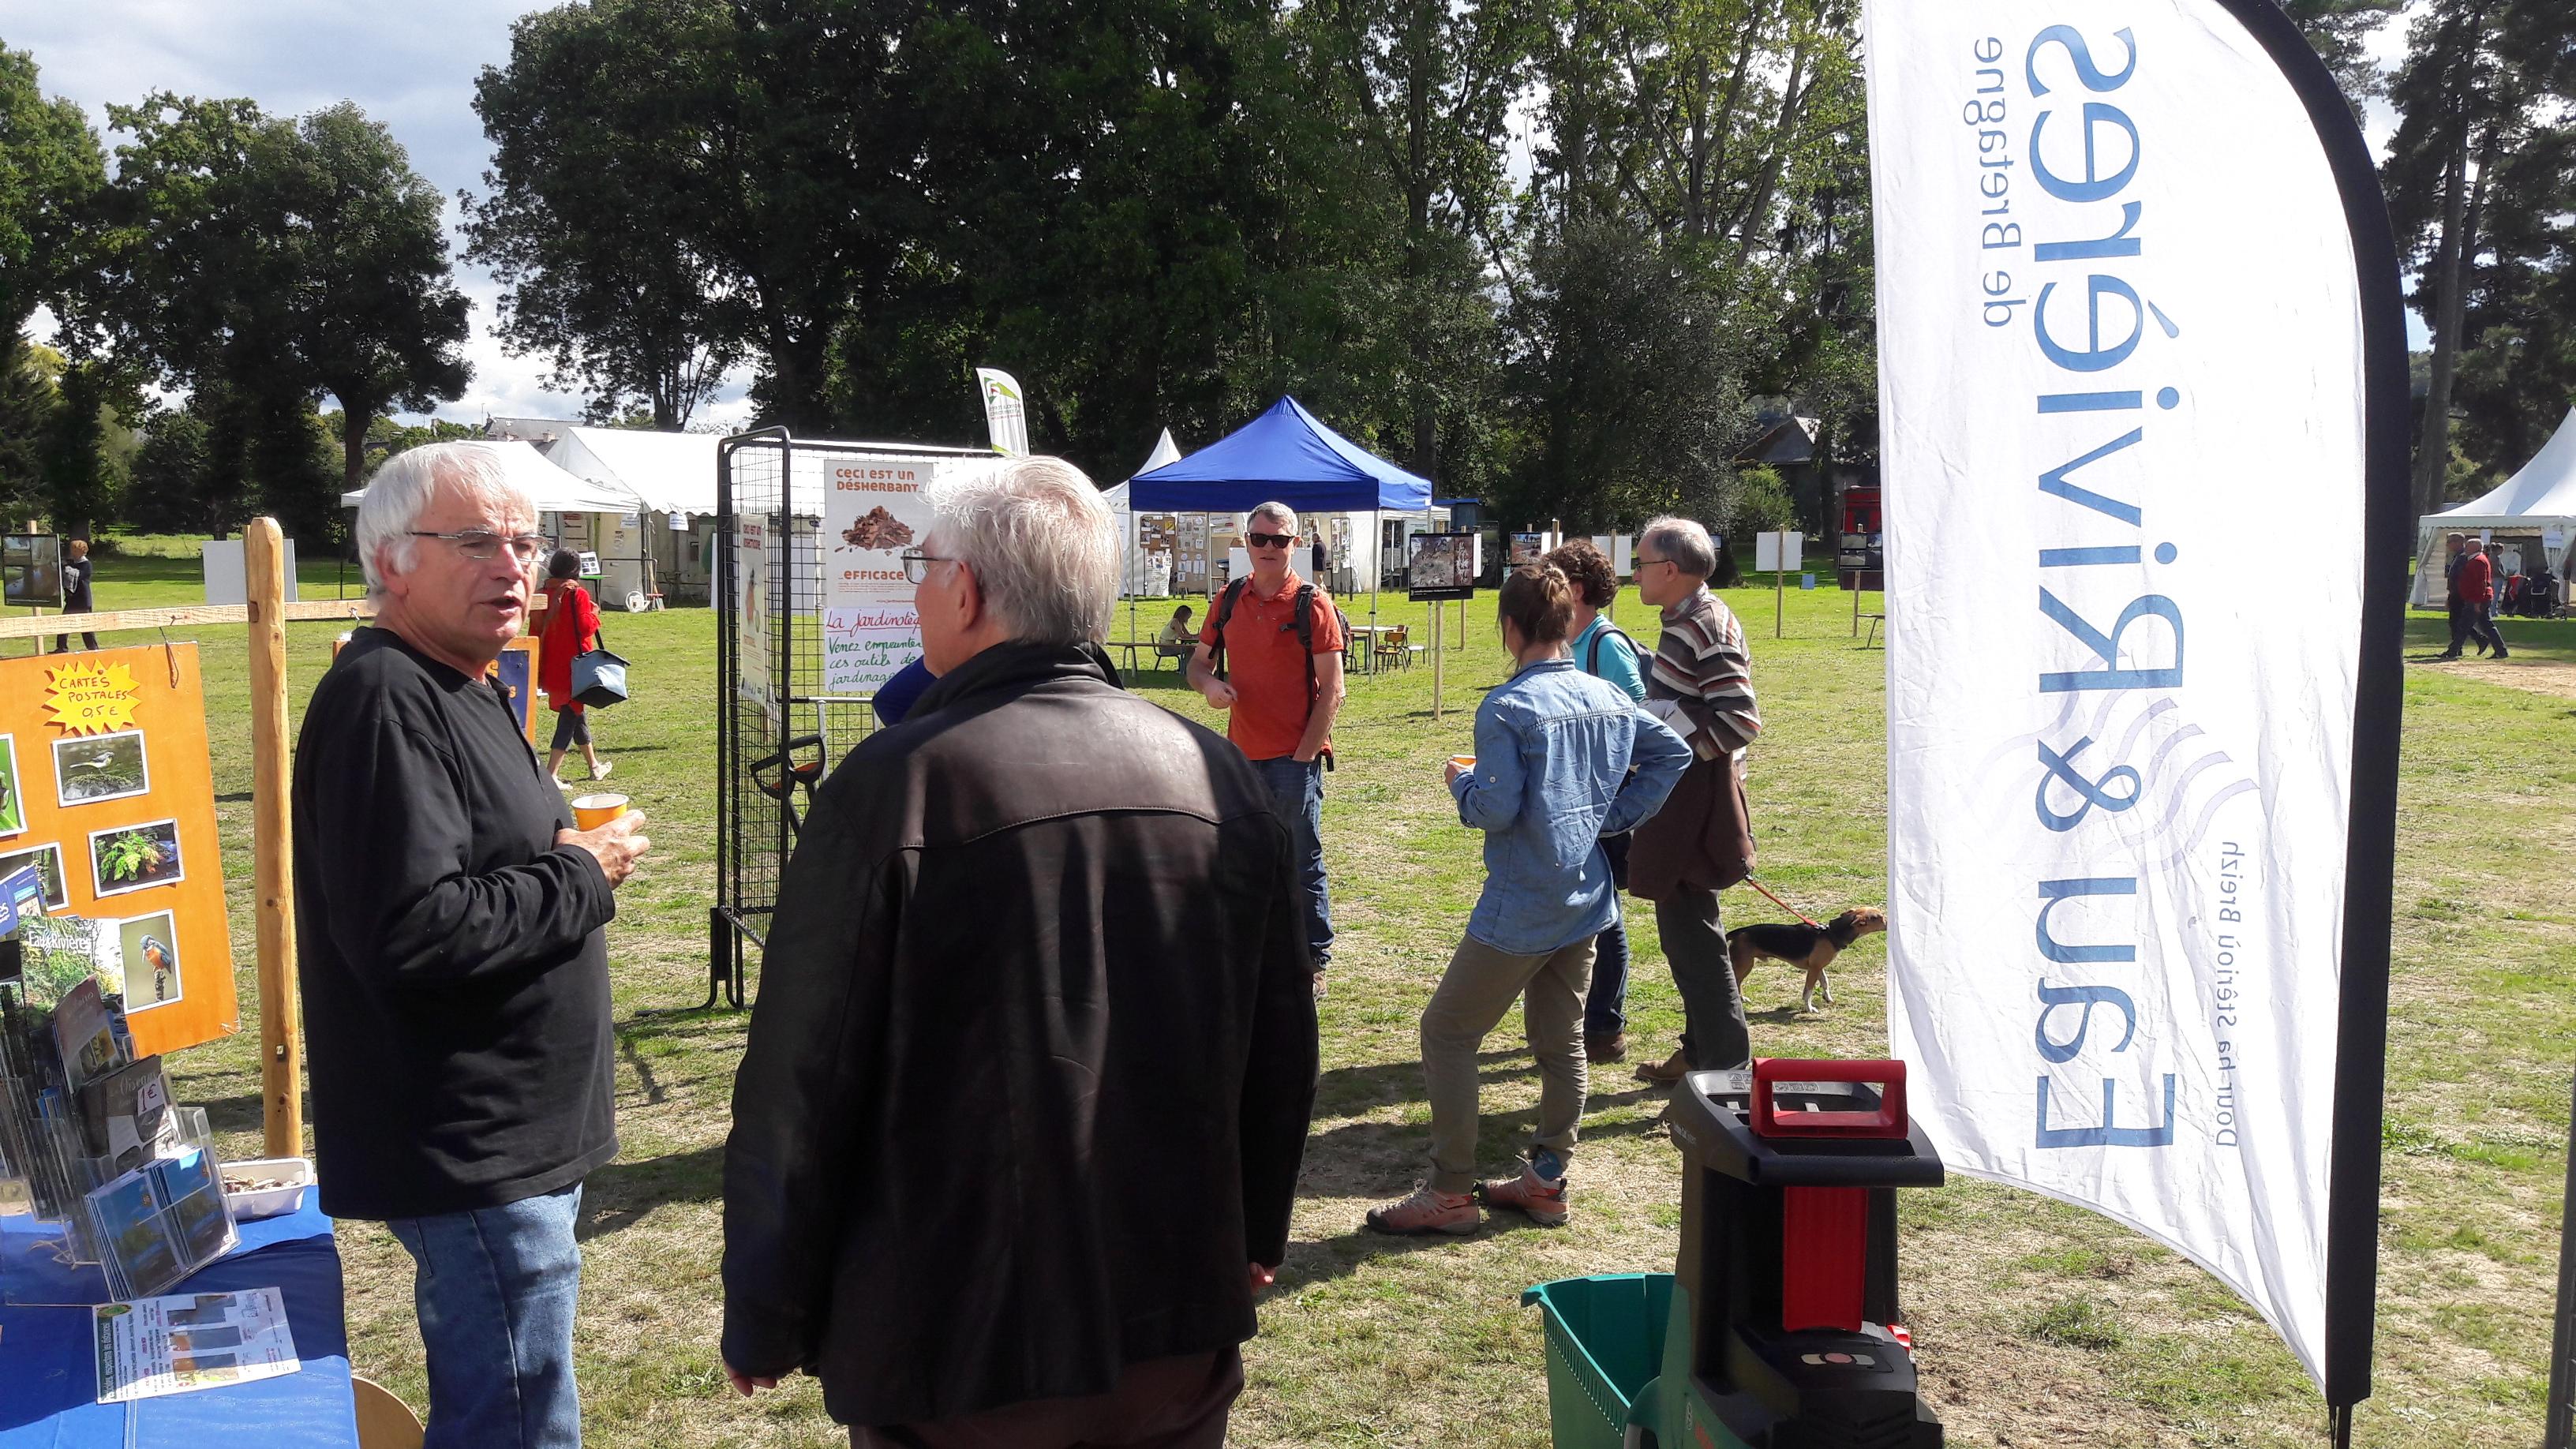 Fête de l'eau à Malestroit: de l'eau et des outils! [16/09/2017]